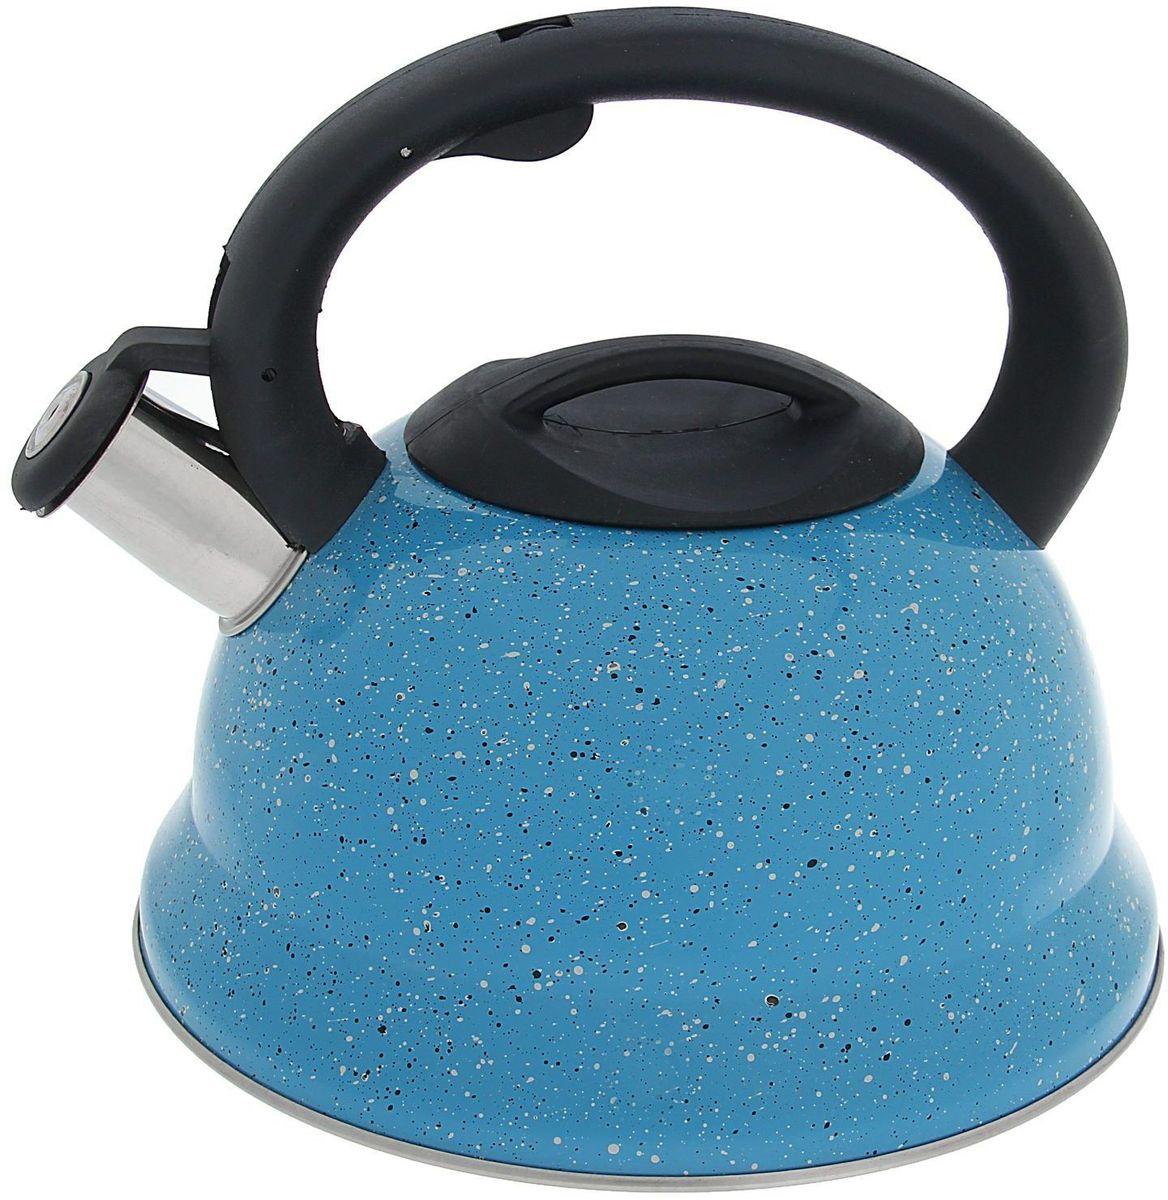 Чайник Доляна Рио, со свистком, цвет: голубой, 2,8 лCM000001326Бытовая посуда из нержавеющей стали славится неприхотливостью в уходе и безукоризненной функциональностью. Коррозиестойкий сплав обеспечивает гигиеничность изделий. Чайники из этого материала абсолютно безопасны для здоровья человека.Чем привлекательна посуда из нержавейки?Чайник из нержавеющей стали станет удачной находкой для дома или ресторана:благодаря низкой теплопроводности модели вода дольше остается горячей;необычный дизайн радует глаз и поднимает настроение;качественное дно гарантирует быстрый нагрев.Как продлить срок службы?Ухаживать за новым приобретением элементарно просто, но стоит помнить о нескольких нехитрых правилах.Во-первых, не следует применять абразивные инструменты и сильнохлорированные моющие средства.Во-вторых, не оставляйте пустую посуду на плите.В-третьих, если вы уезжаете из дома на длительное время - выливайте воду из чайника.Если на внутренней поверхности изделия появились пятна, используйте для их удаления несколько капель уксусной или лимонной кислоты.